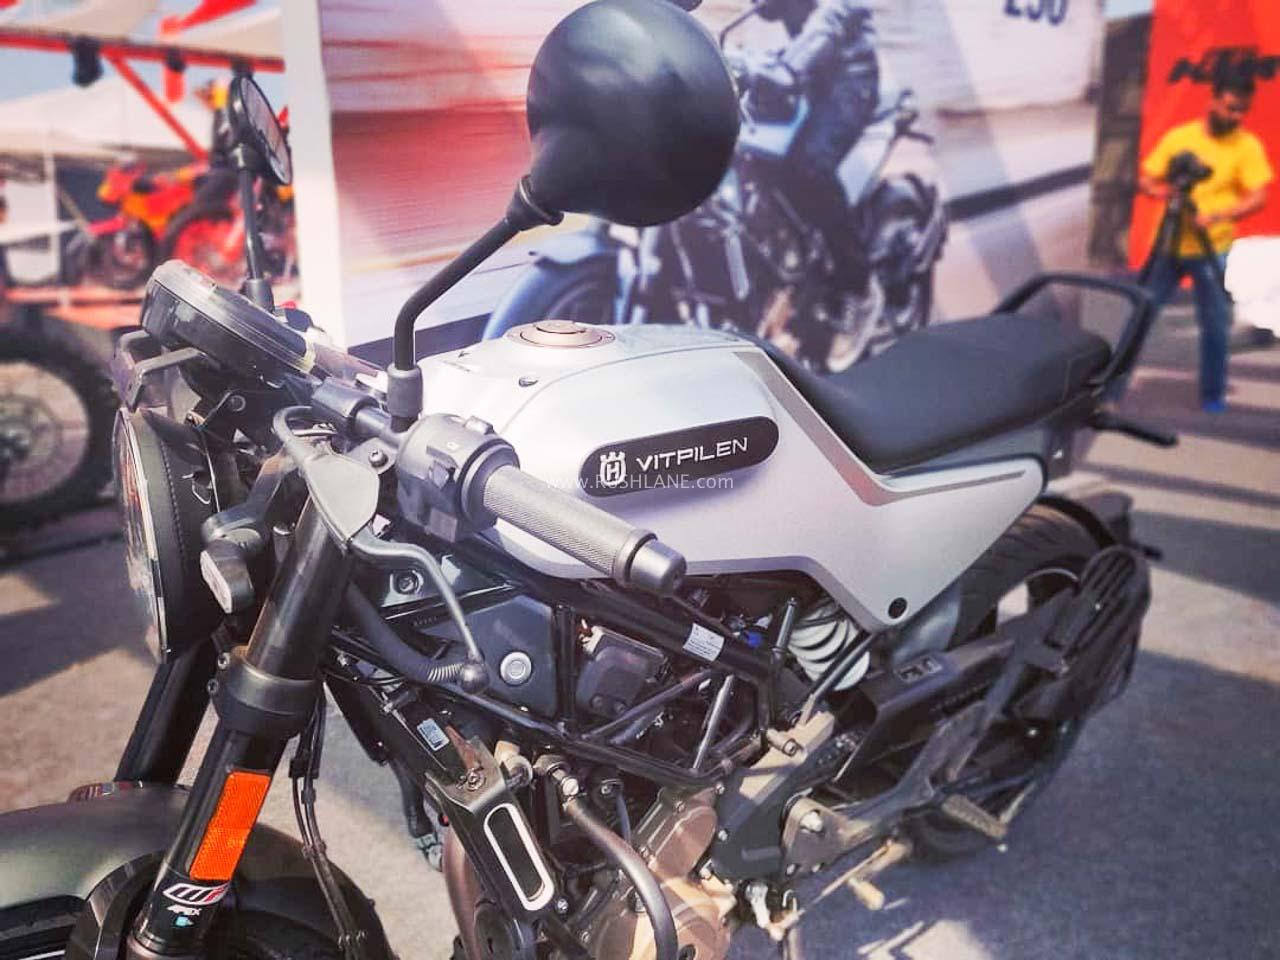 KTM Duke 250 based Husqvarna 250 prices increased in India